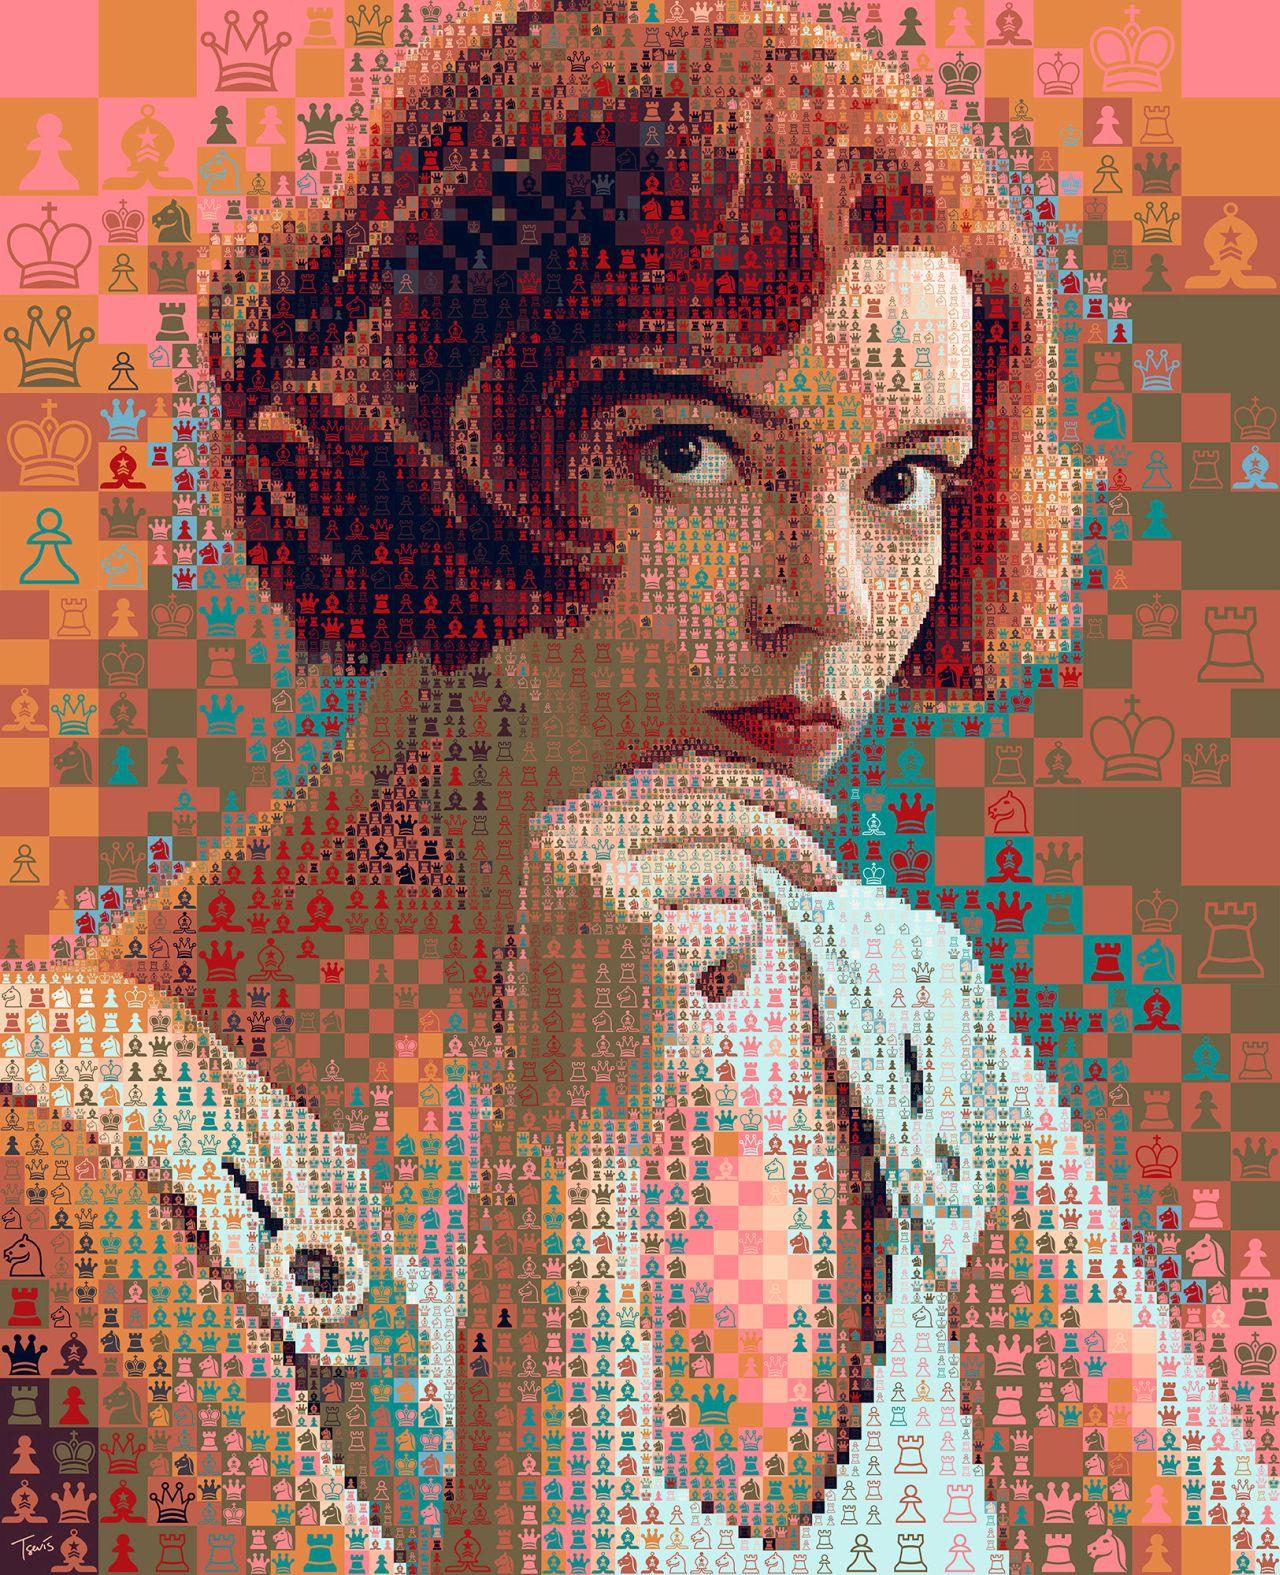 photo mosaic queen gambit